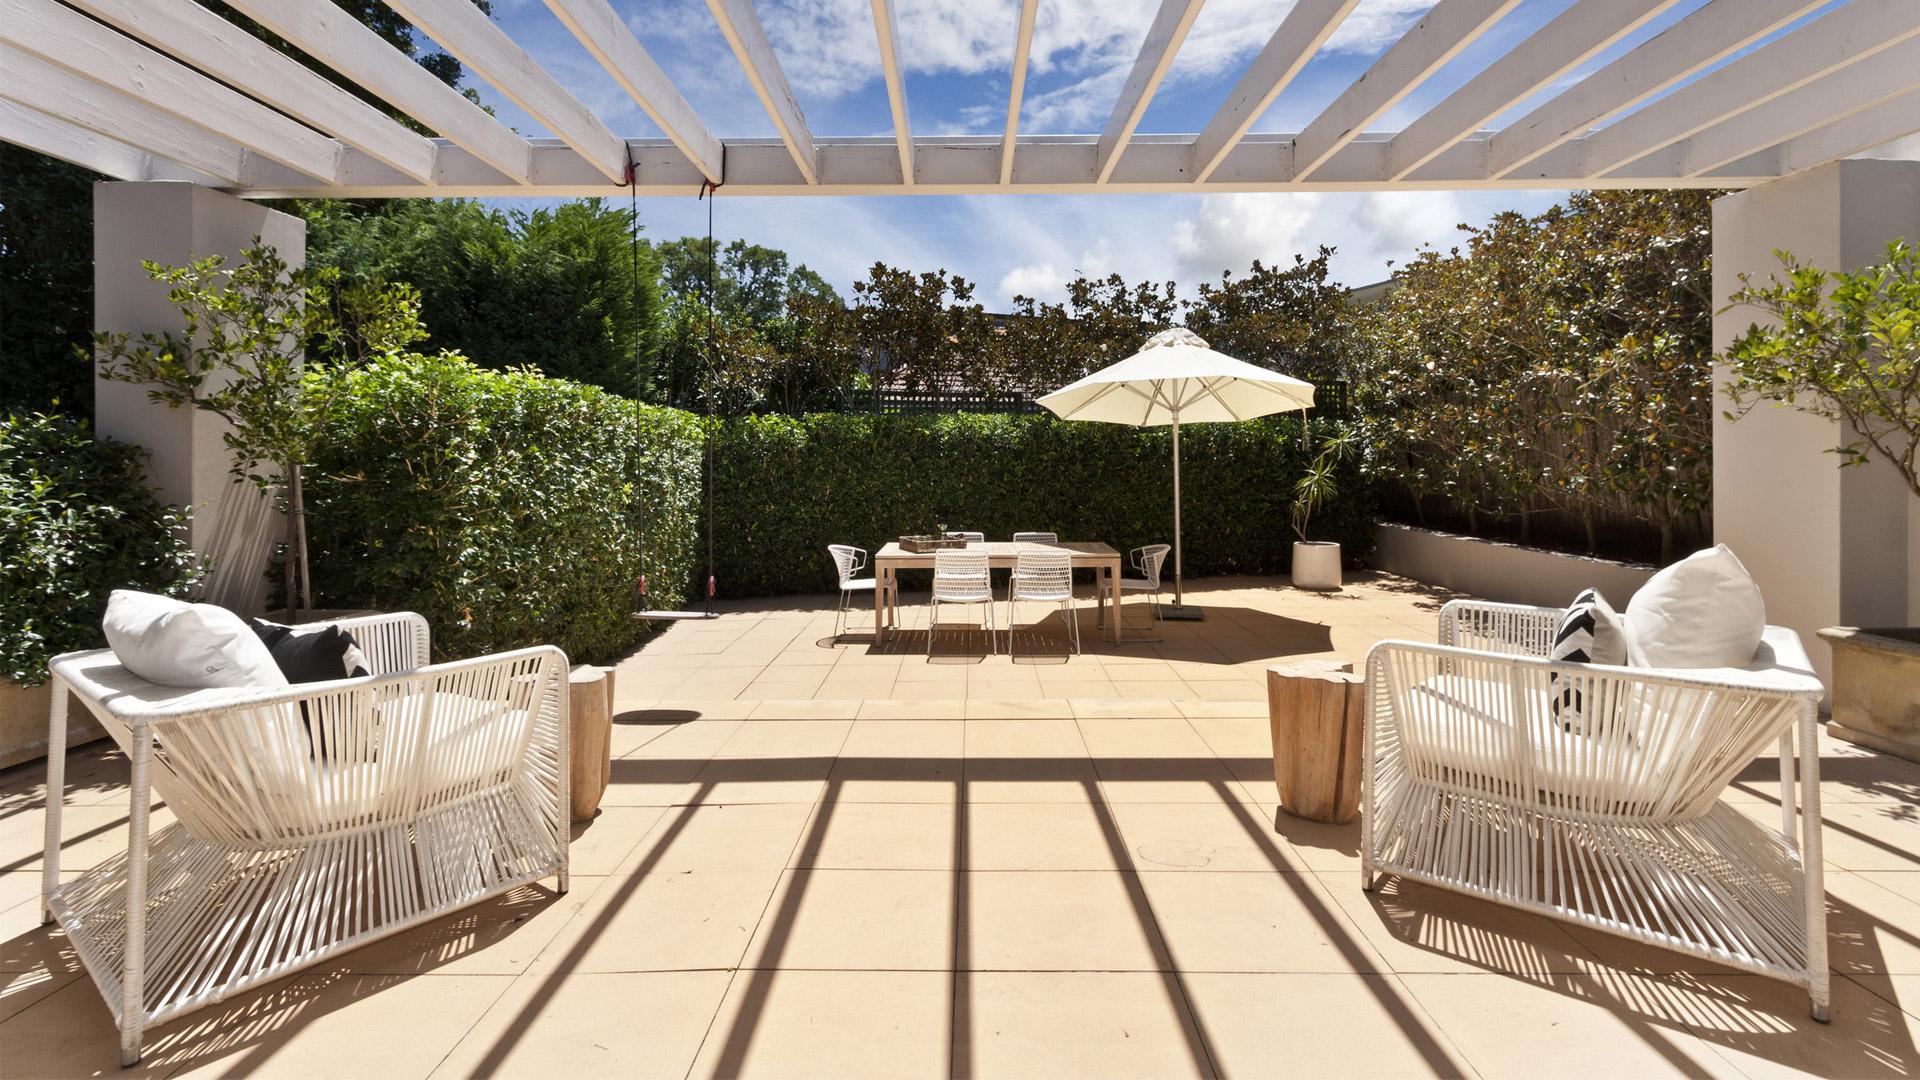 Terrasses En Vue – Achat, Vente D'appartements Et Maisons À ... intérieur Terrasses Et Jardins Paris